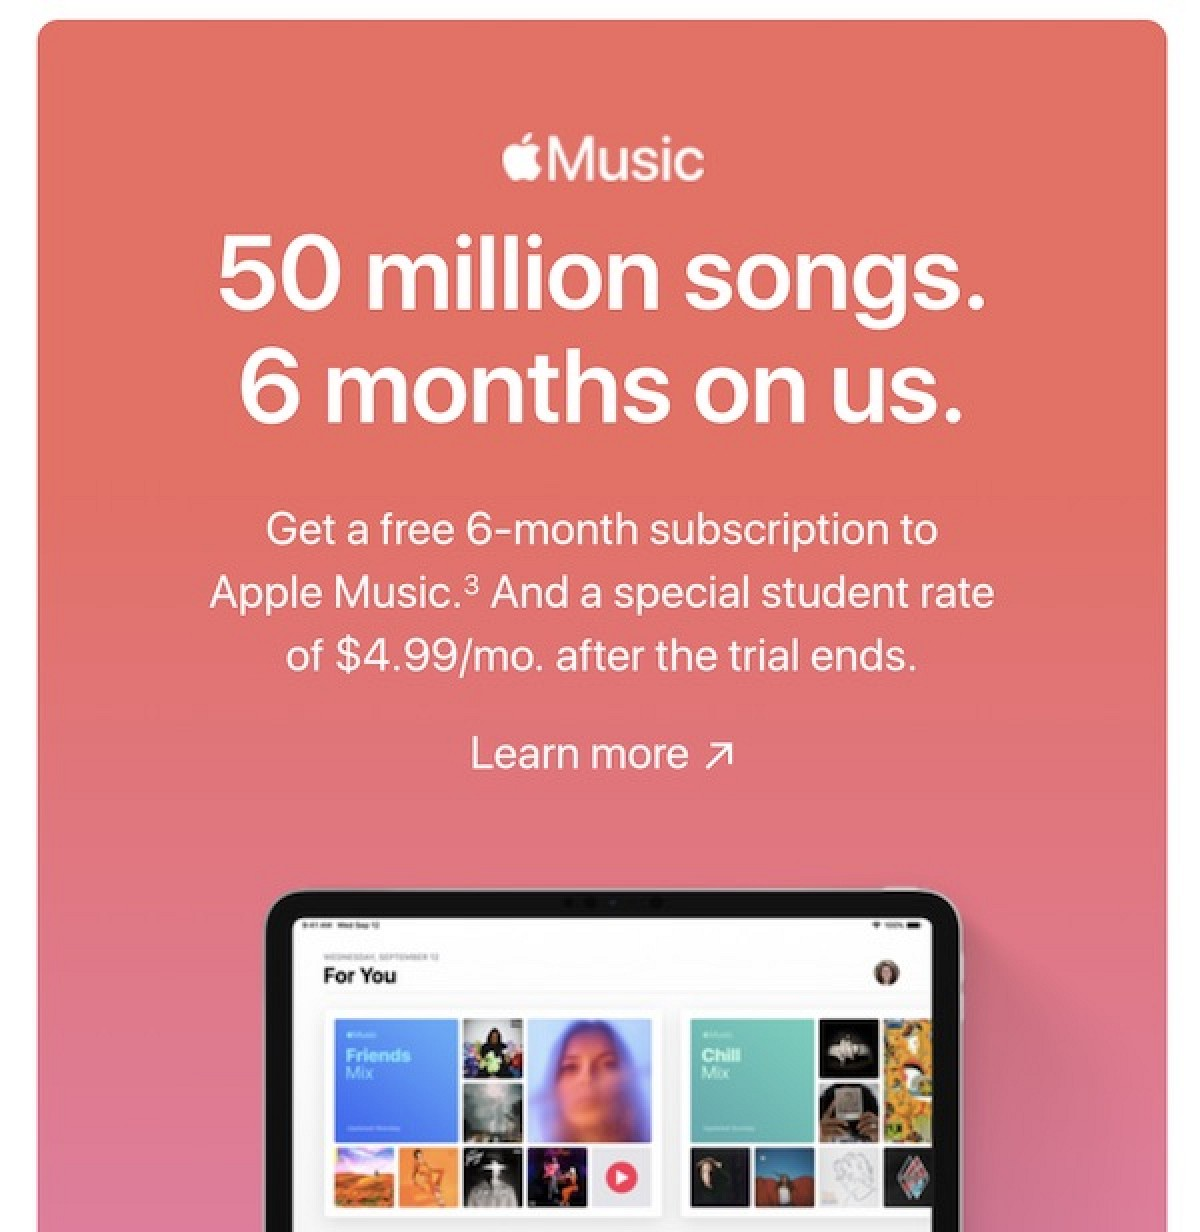 Apple Music ofrece una prueba gratuita de seis meses para estudiantes hasta finales de septiembre